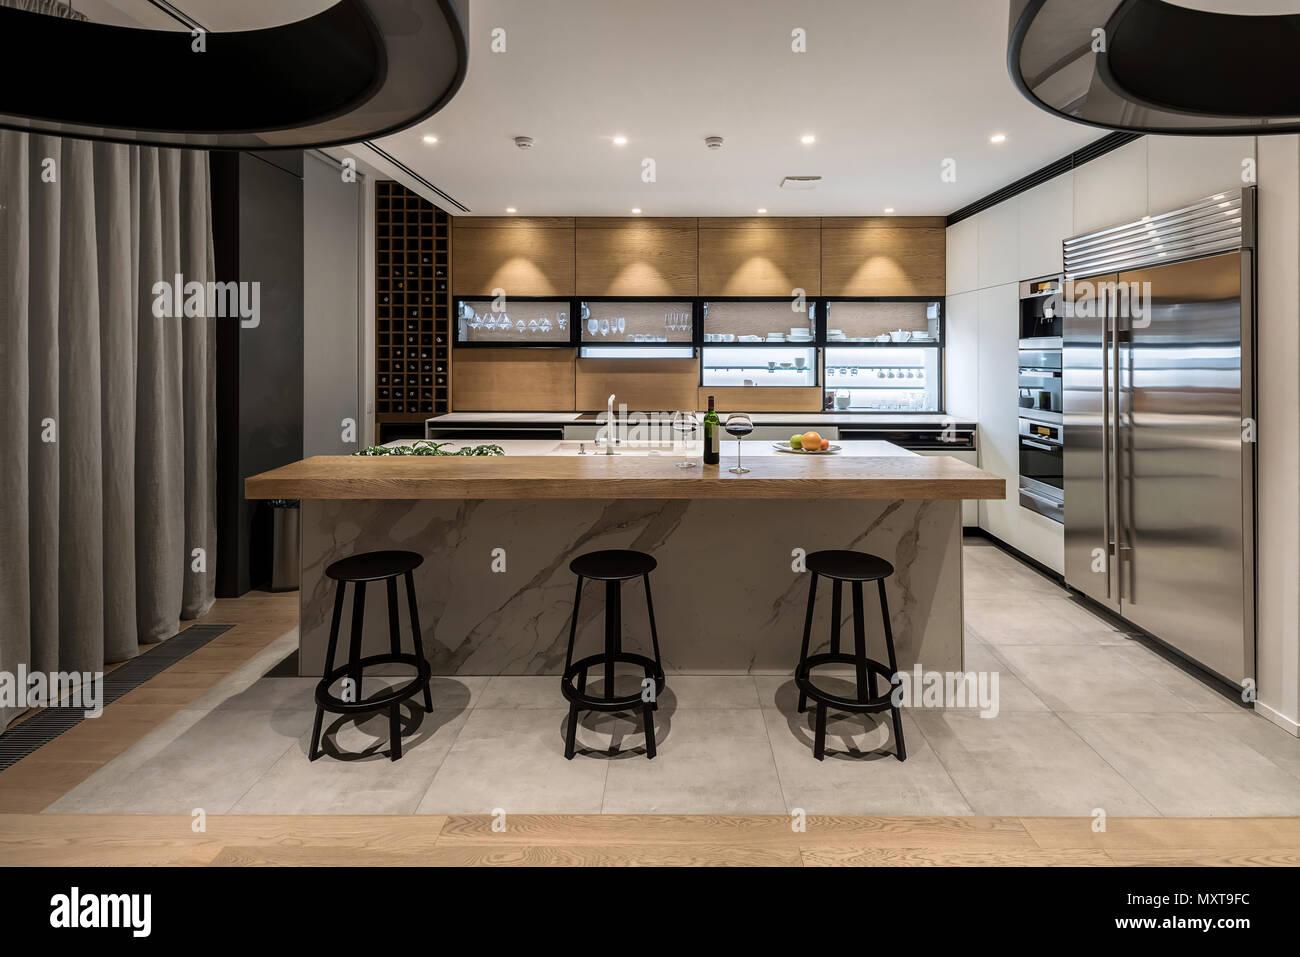 Cucina in stile moderno con pareti chiare e un parquet in legno e